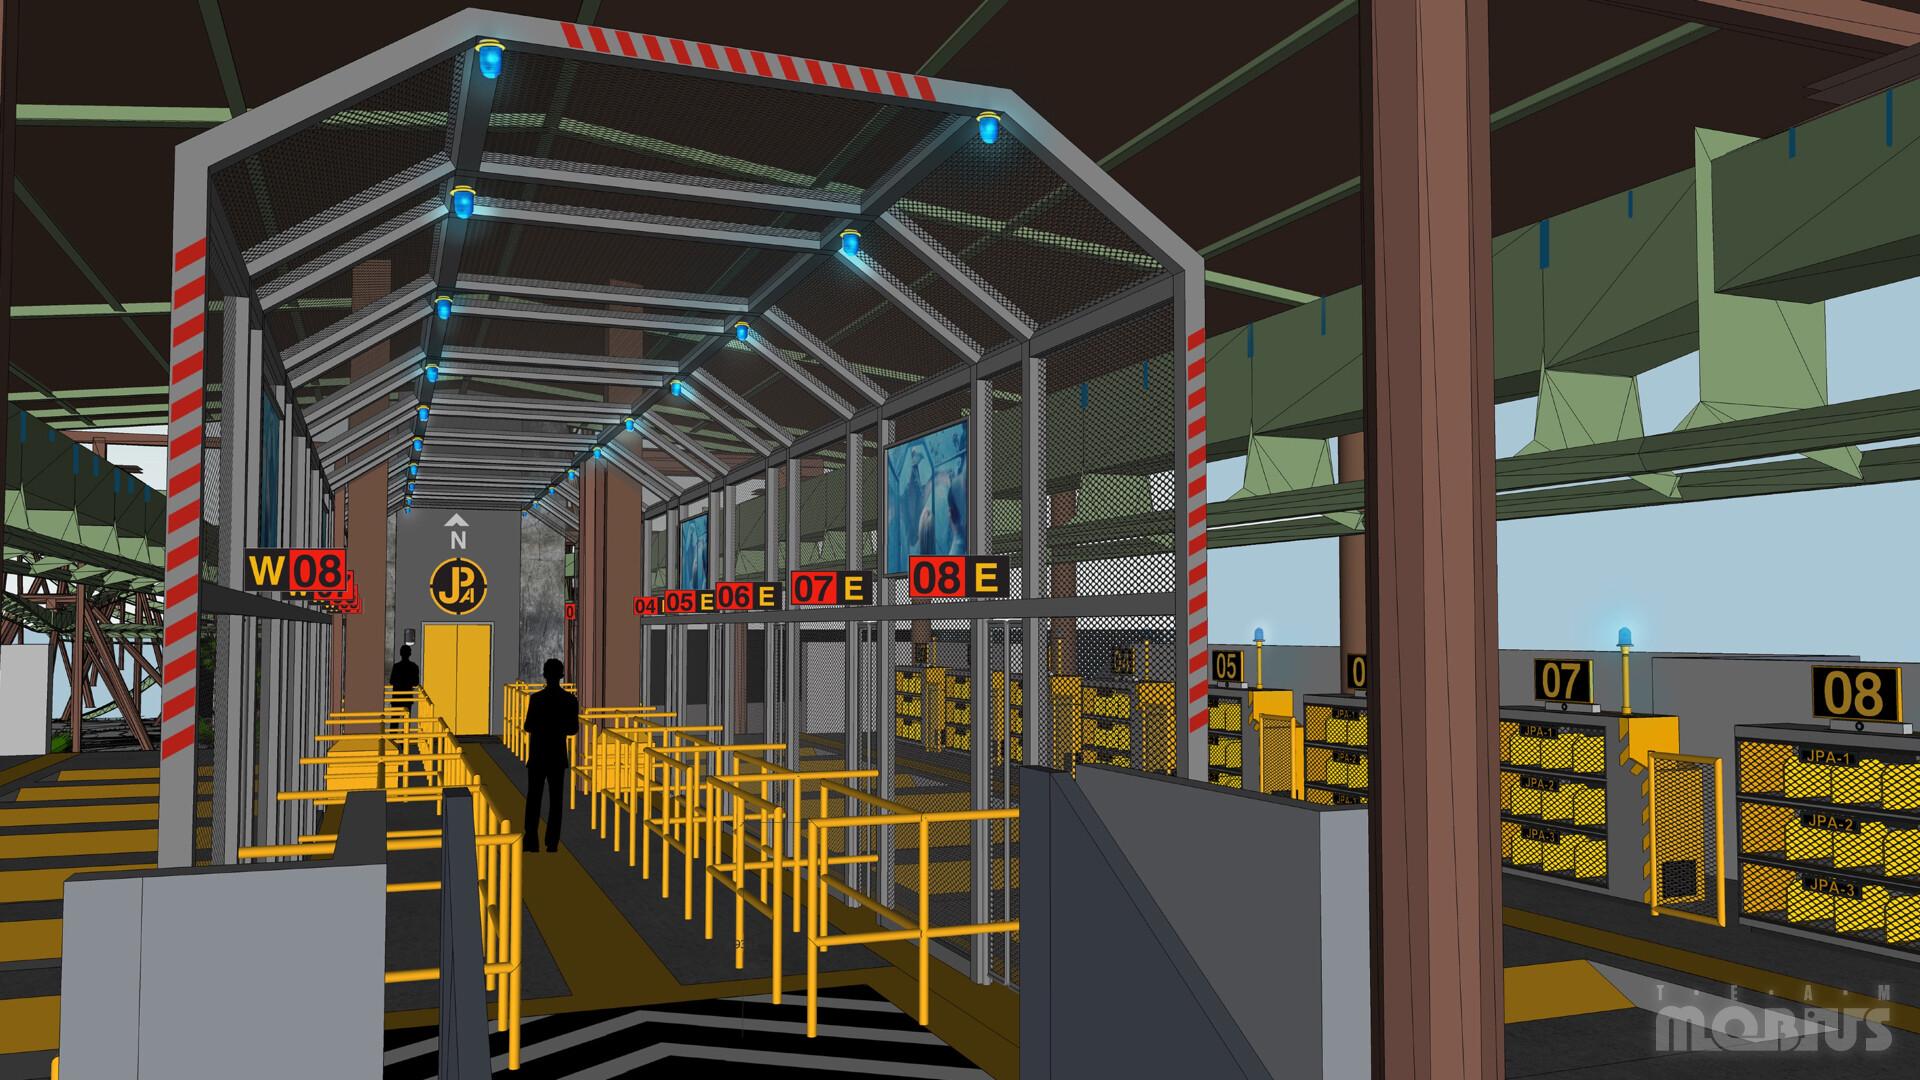 3D Concept for Load Station platform